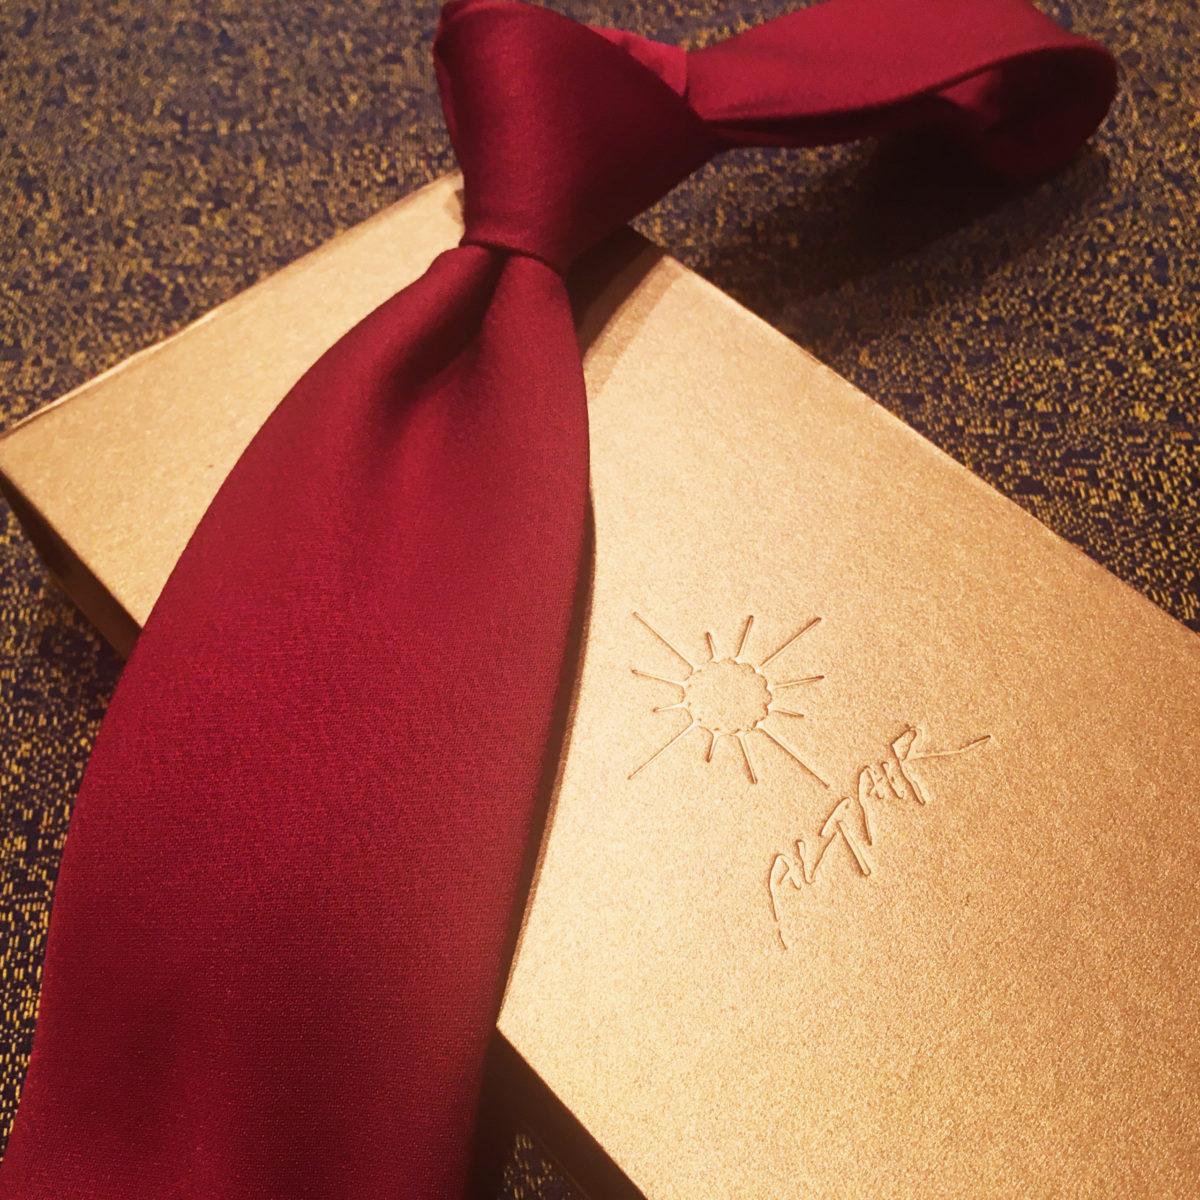 プレゼント,ネクタイ,赤,ネイビー,,シルク,ギフトボックス,高級